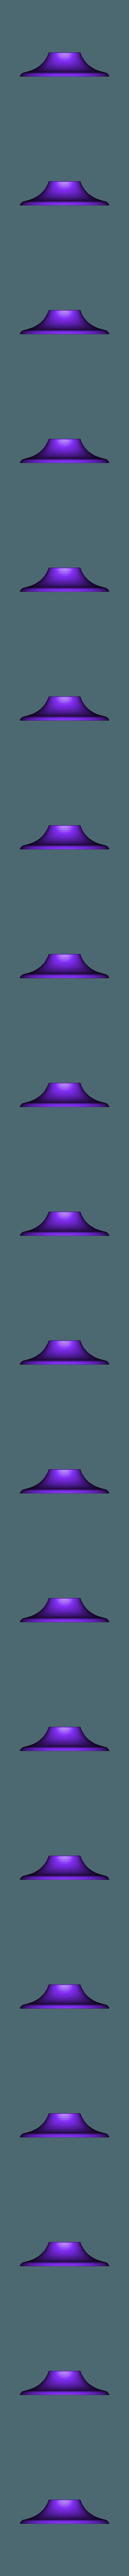 base_rotate_V2.STL Télécharger fichier STL gratuit Exacto coupeur de grands cercles • Modèle pour impression 3D, cristcost